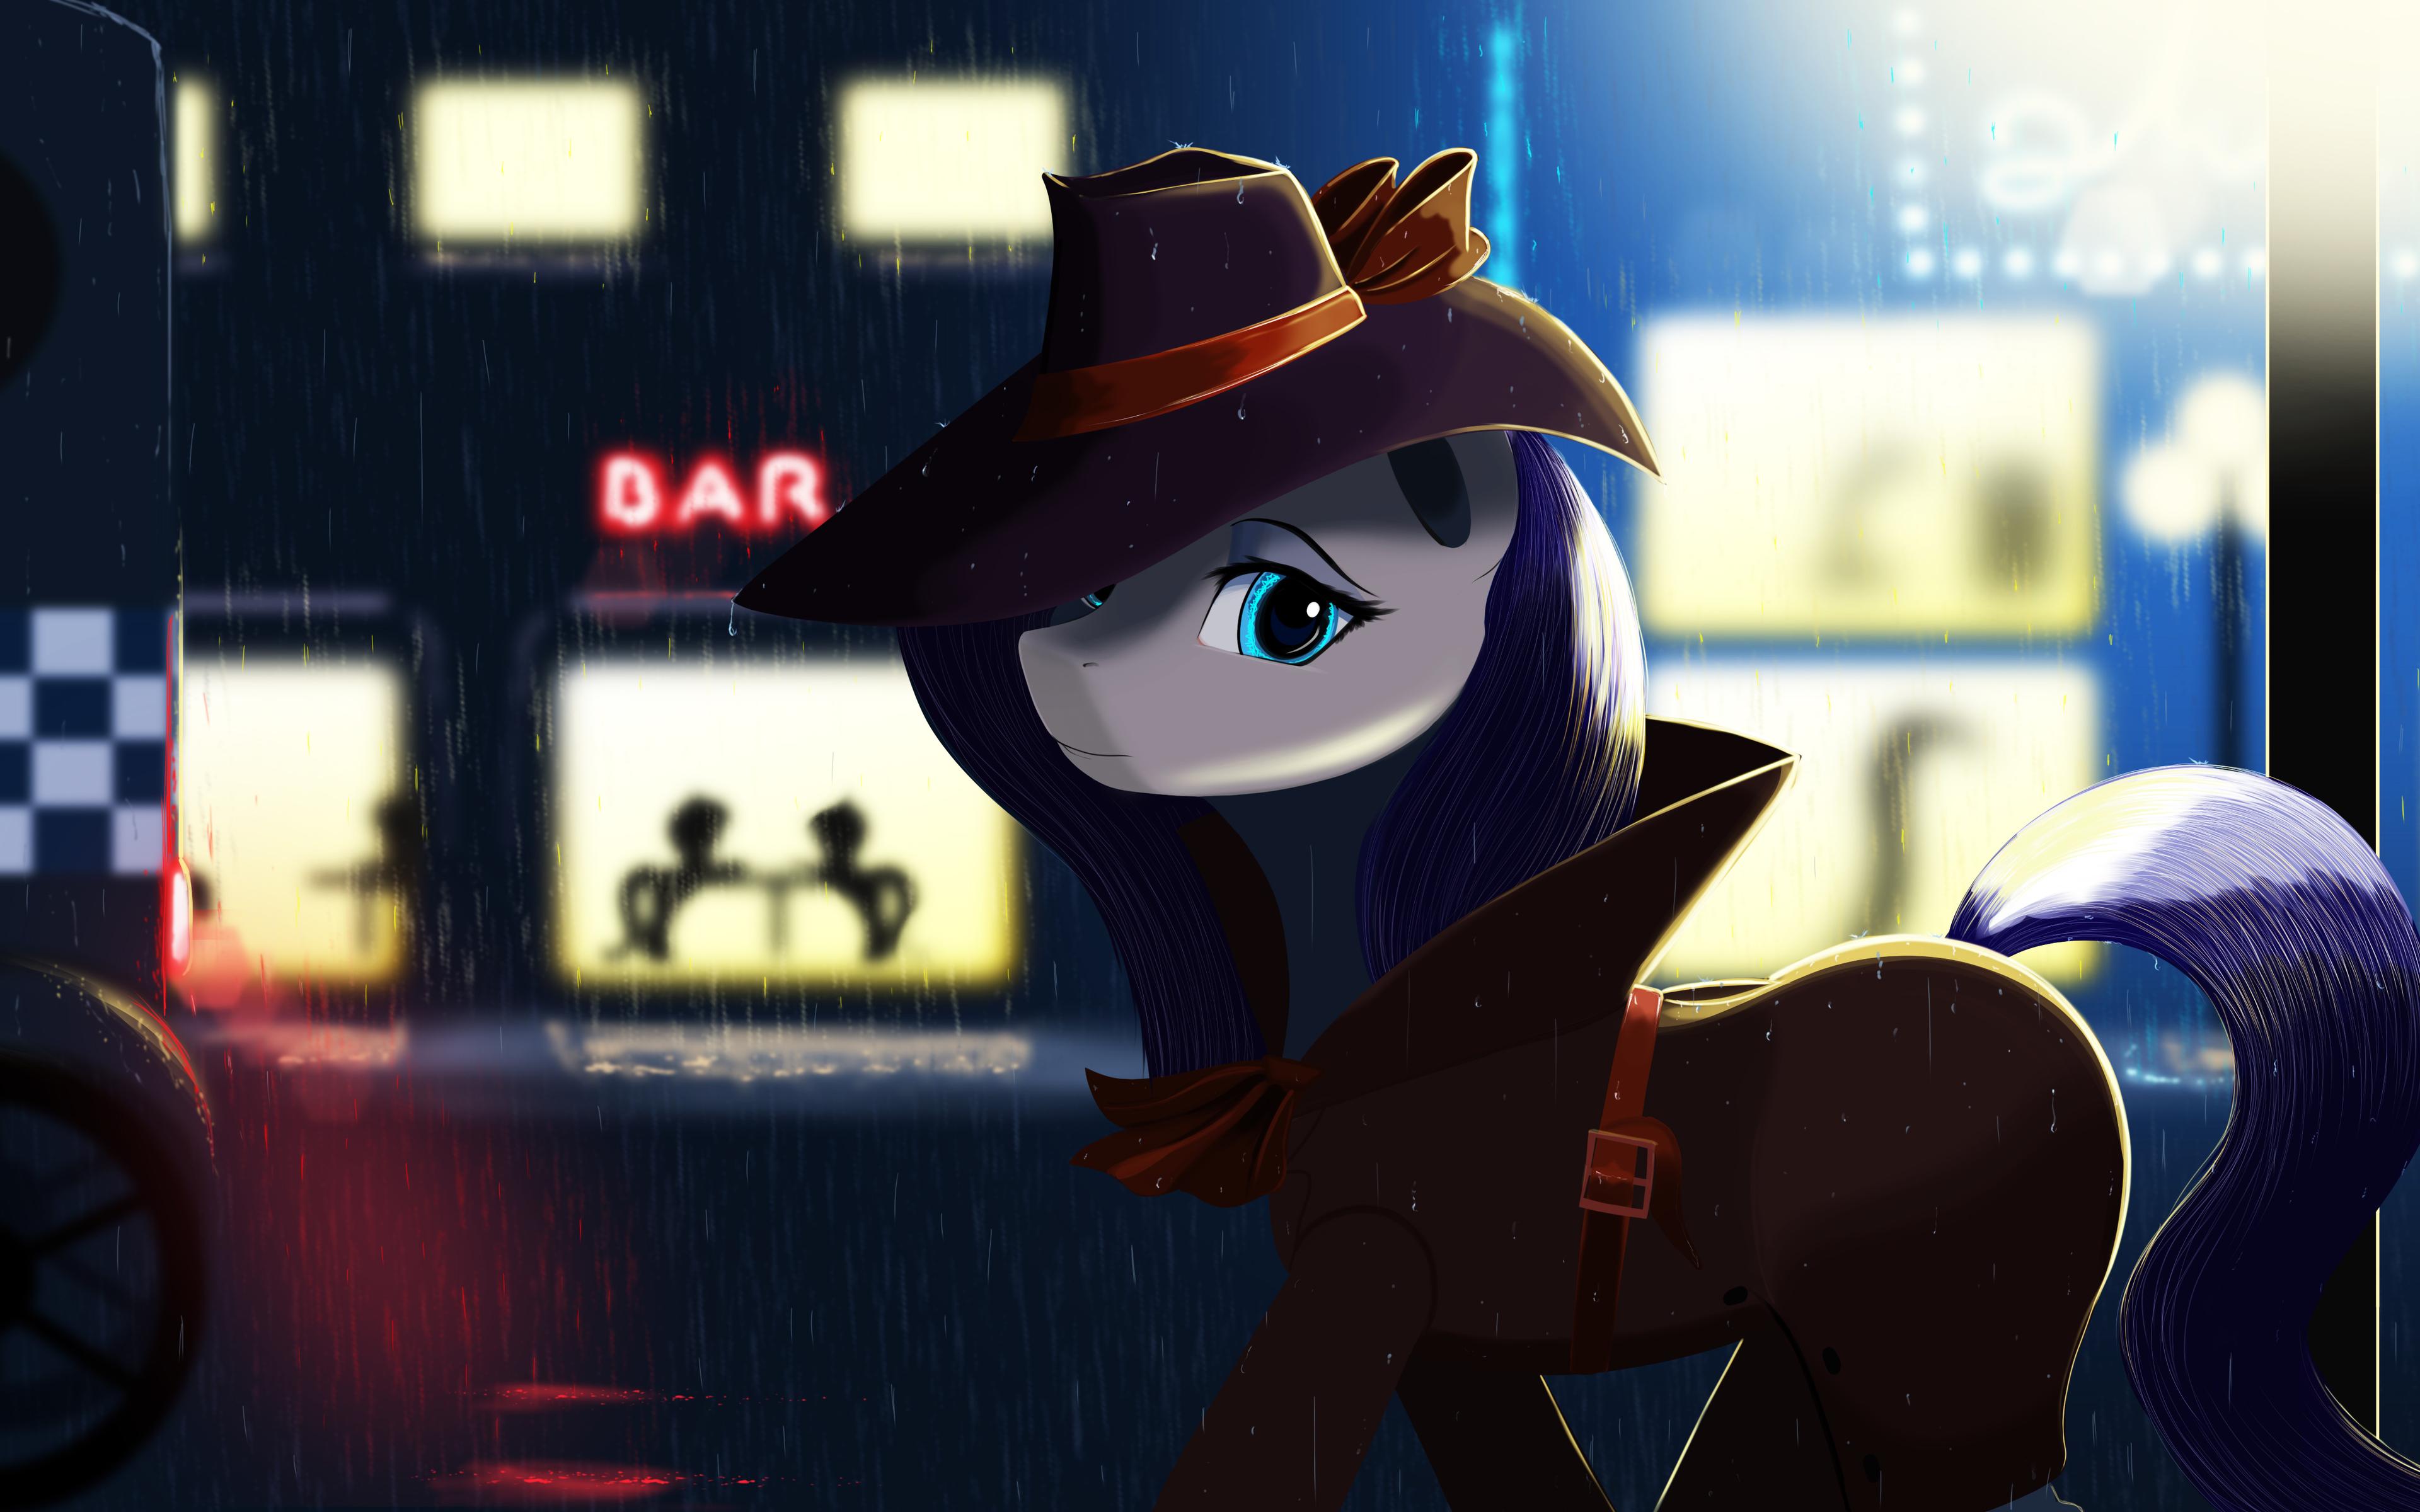 Fondos de pantalla Pequeño Pony Detective